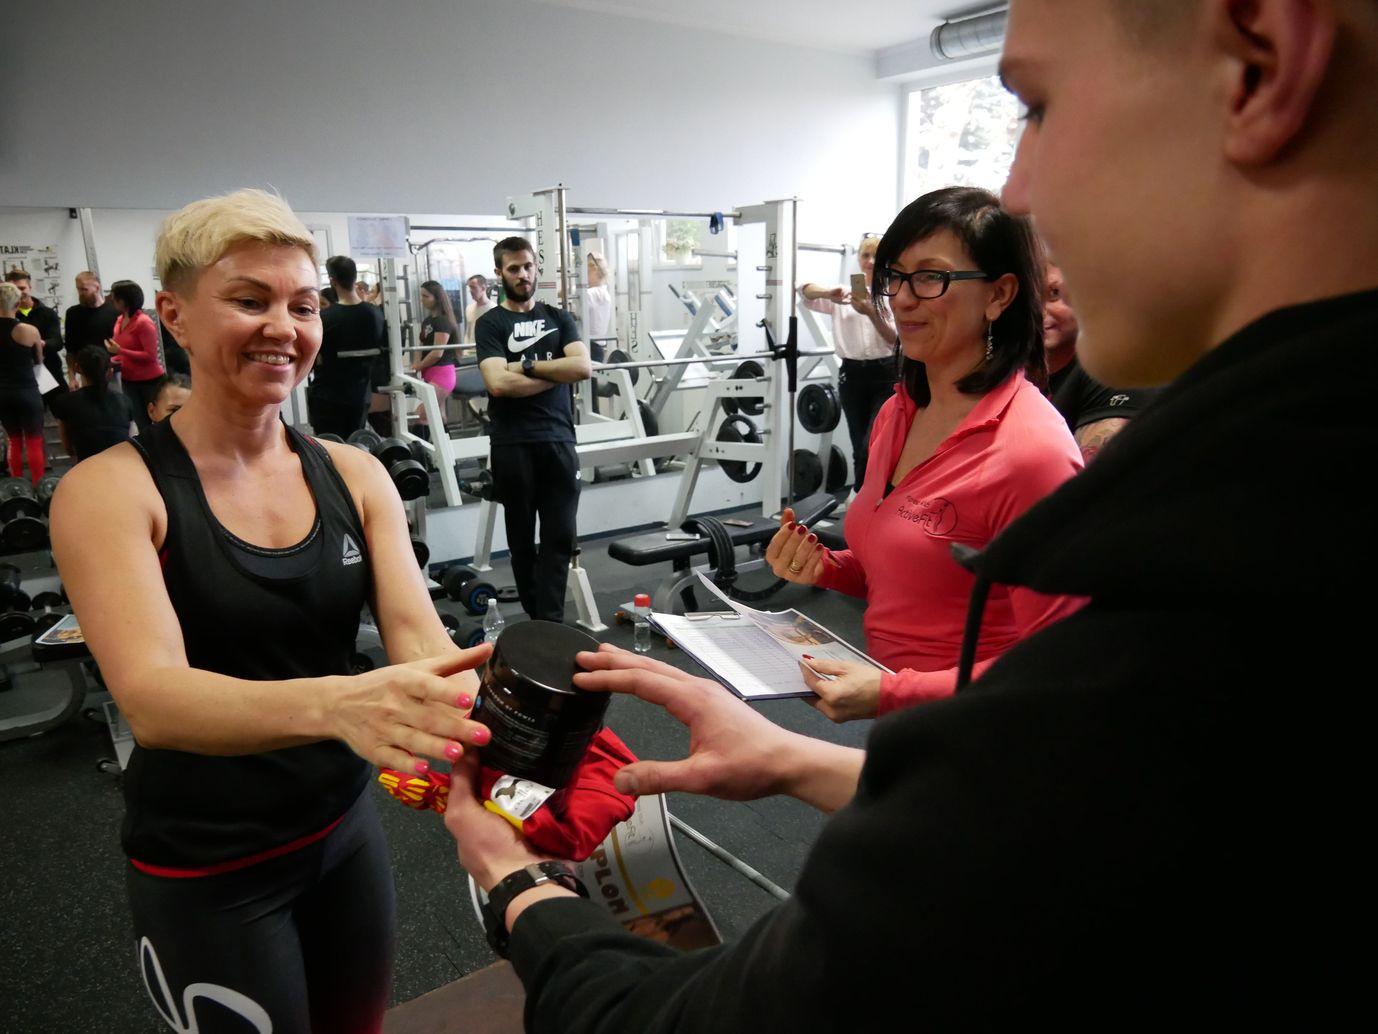 Zawody Martwy Ciąg Pleszew Fitness Klub Active Fit ul. Traugutta 30 siłownia trening personalny 33